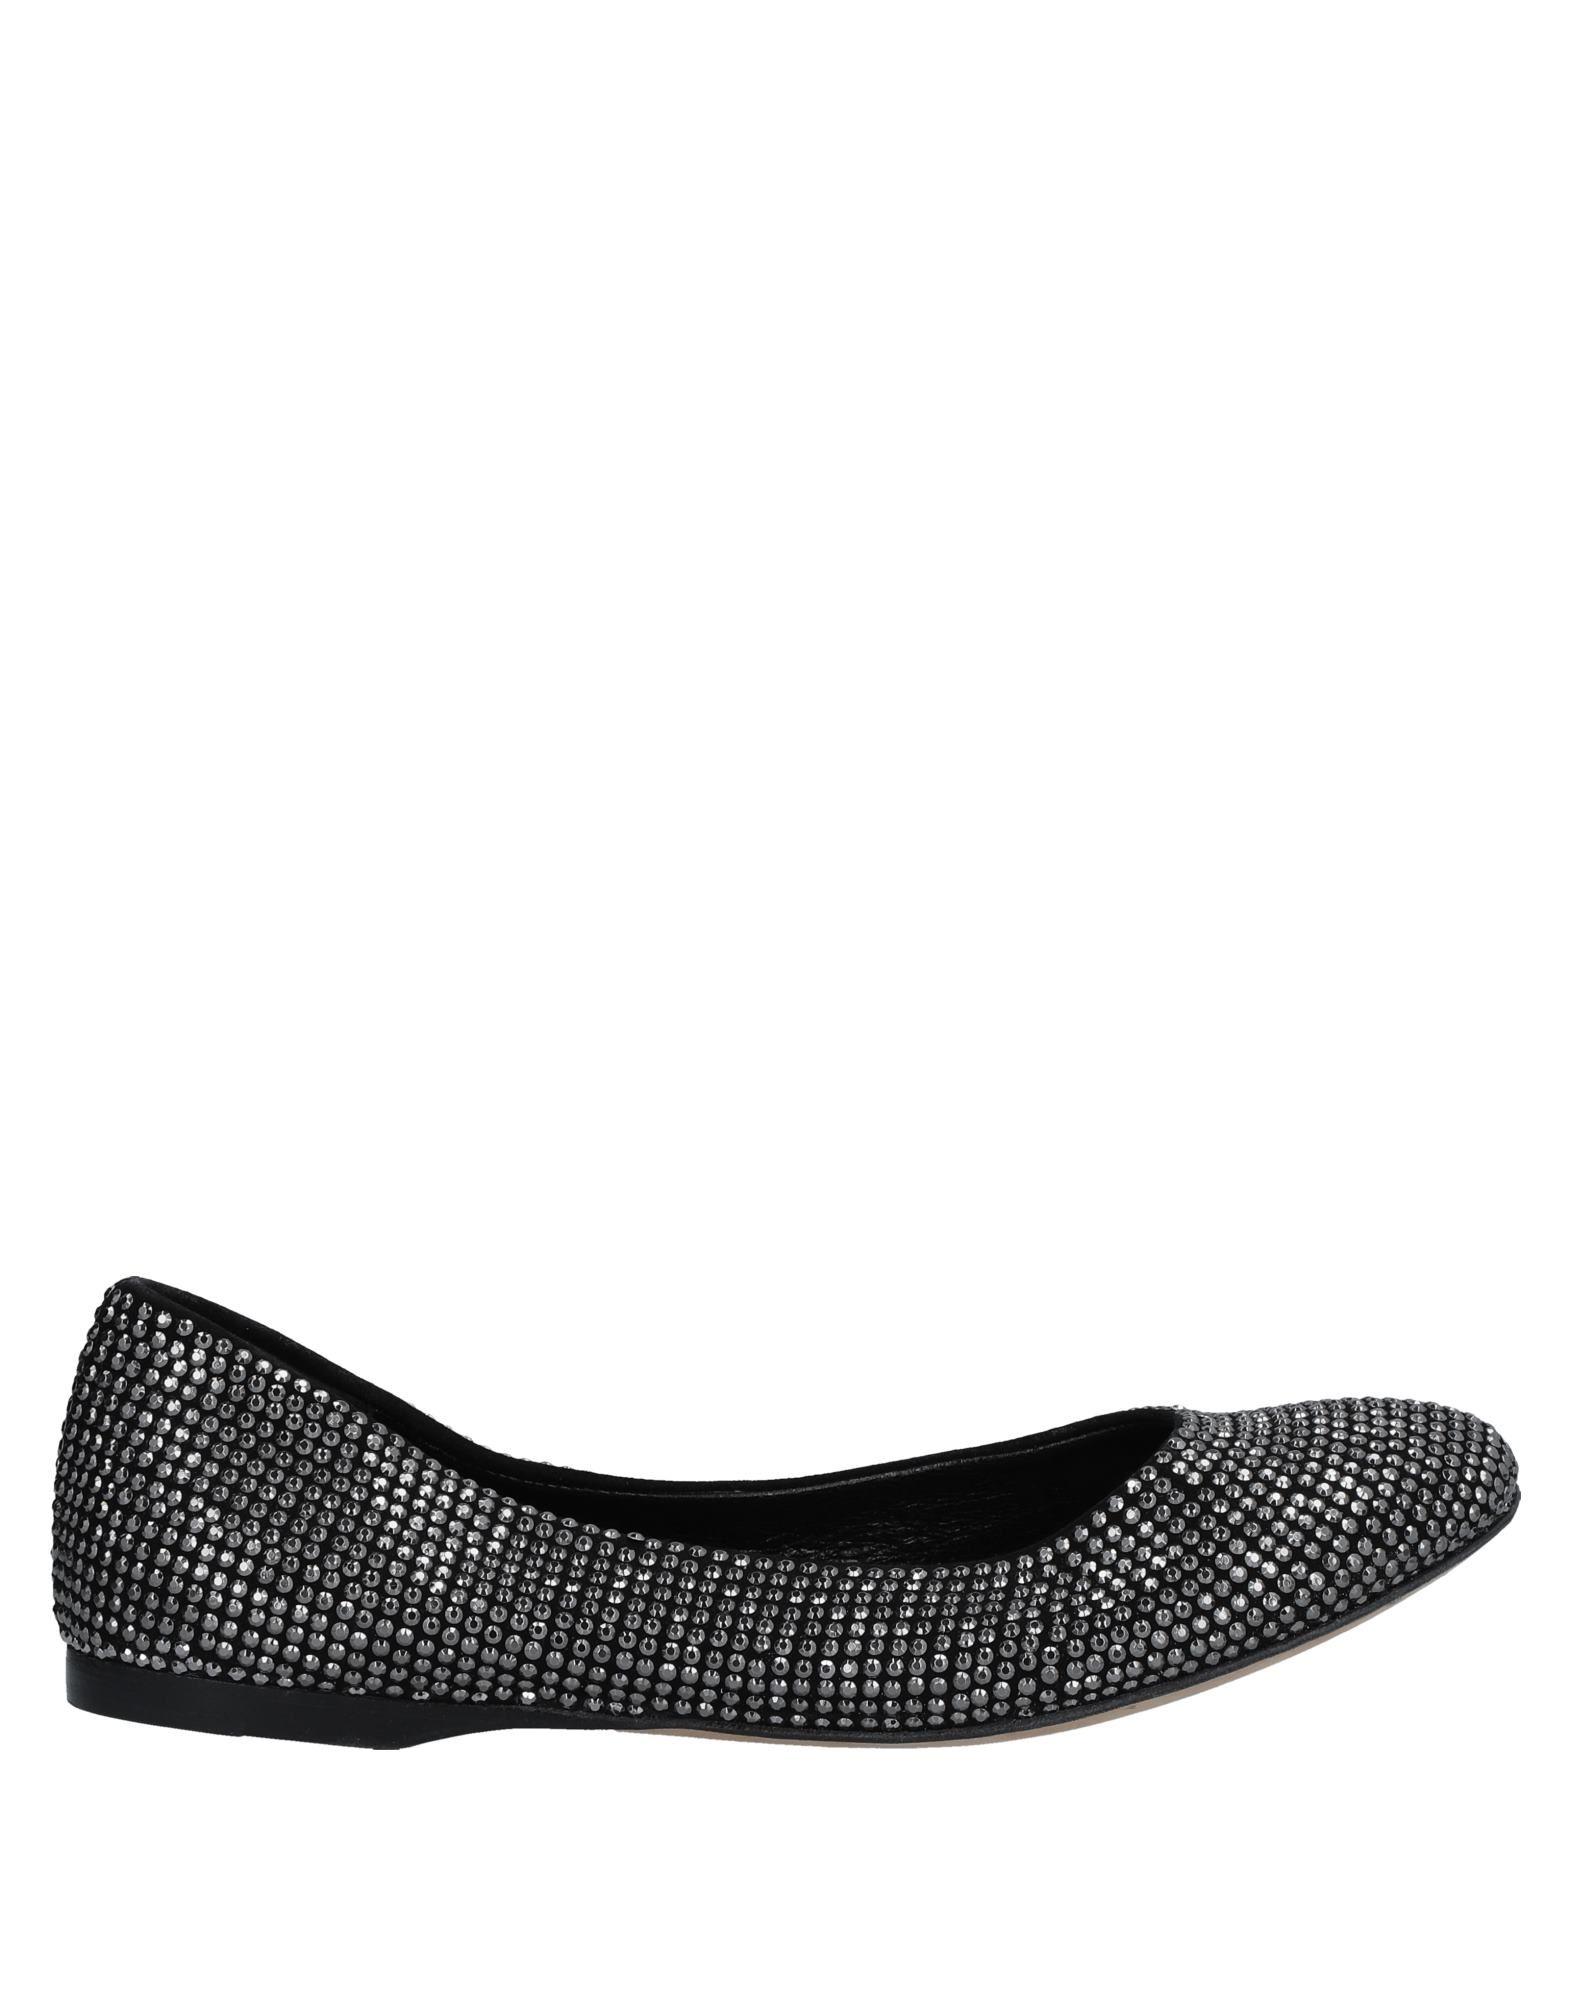 Gianmarco Lorenzi Ballerinas Qualität Damen  11536151UM Gute Qualität Ballerinas beliebte Schuhe 032d98